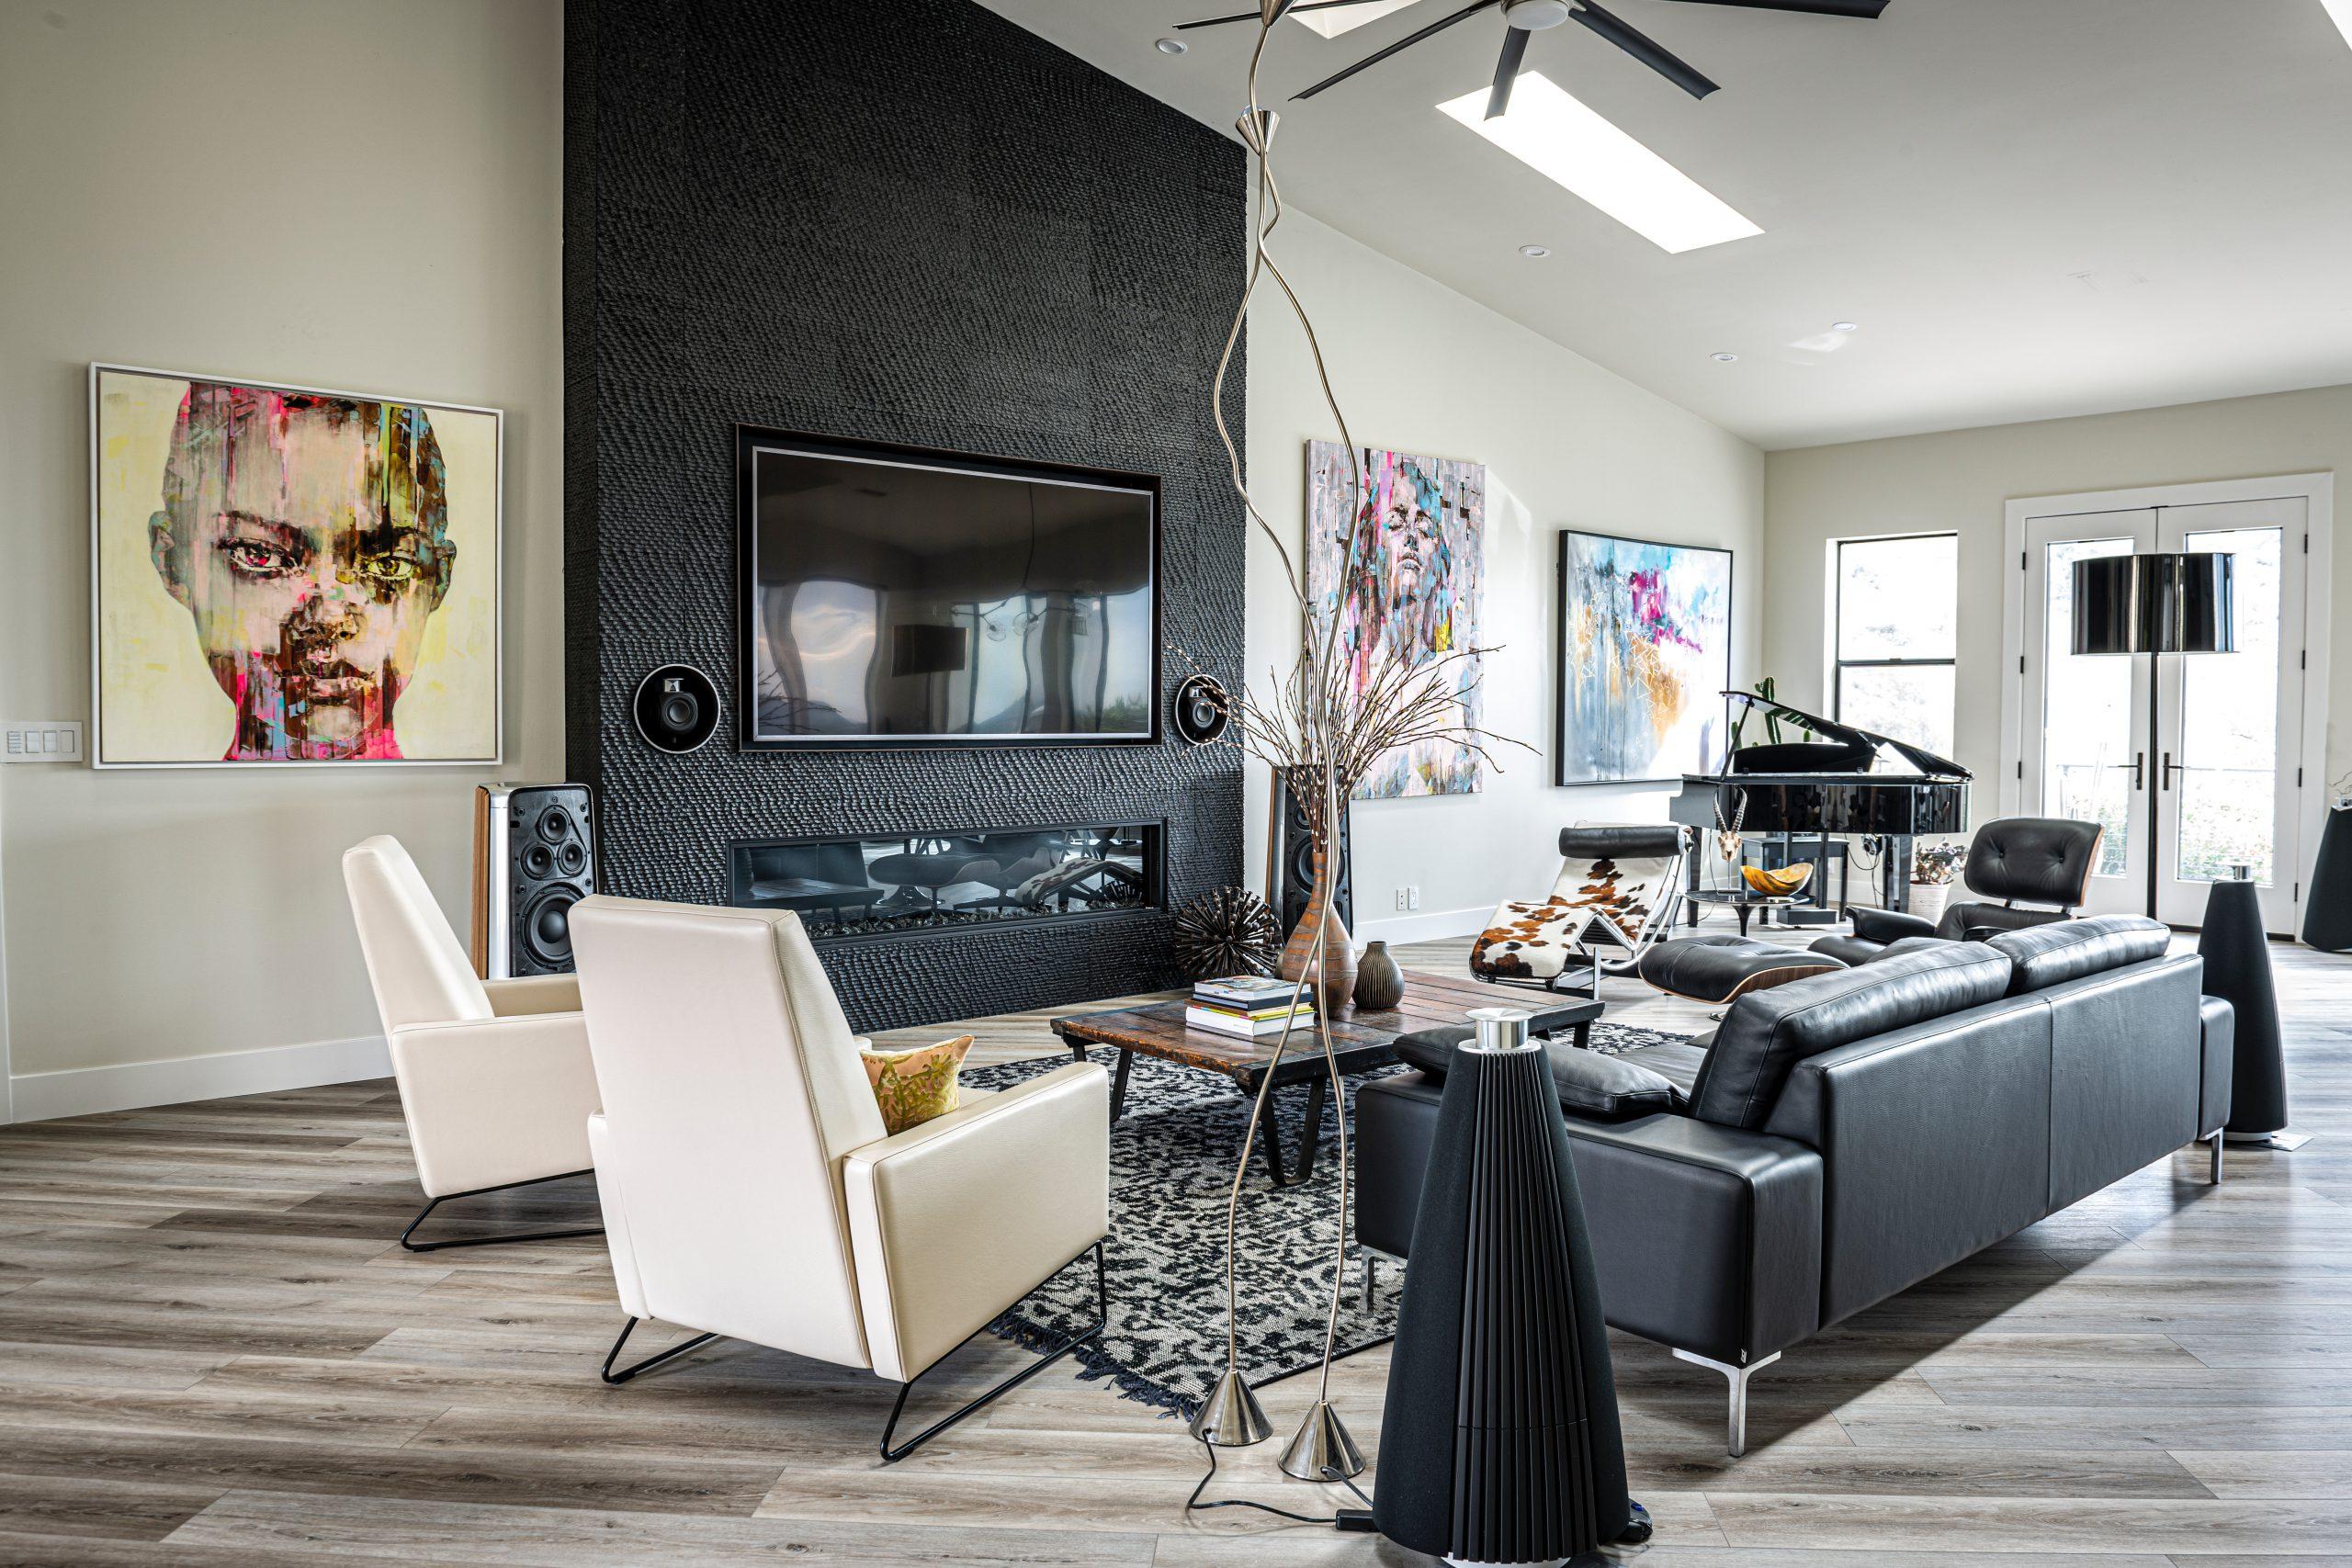 Jaką lampę dobrać do wnętrza w stylu loftowym?